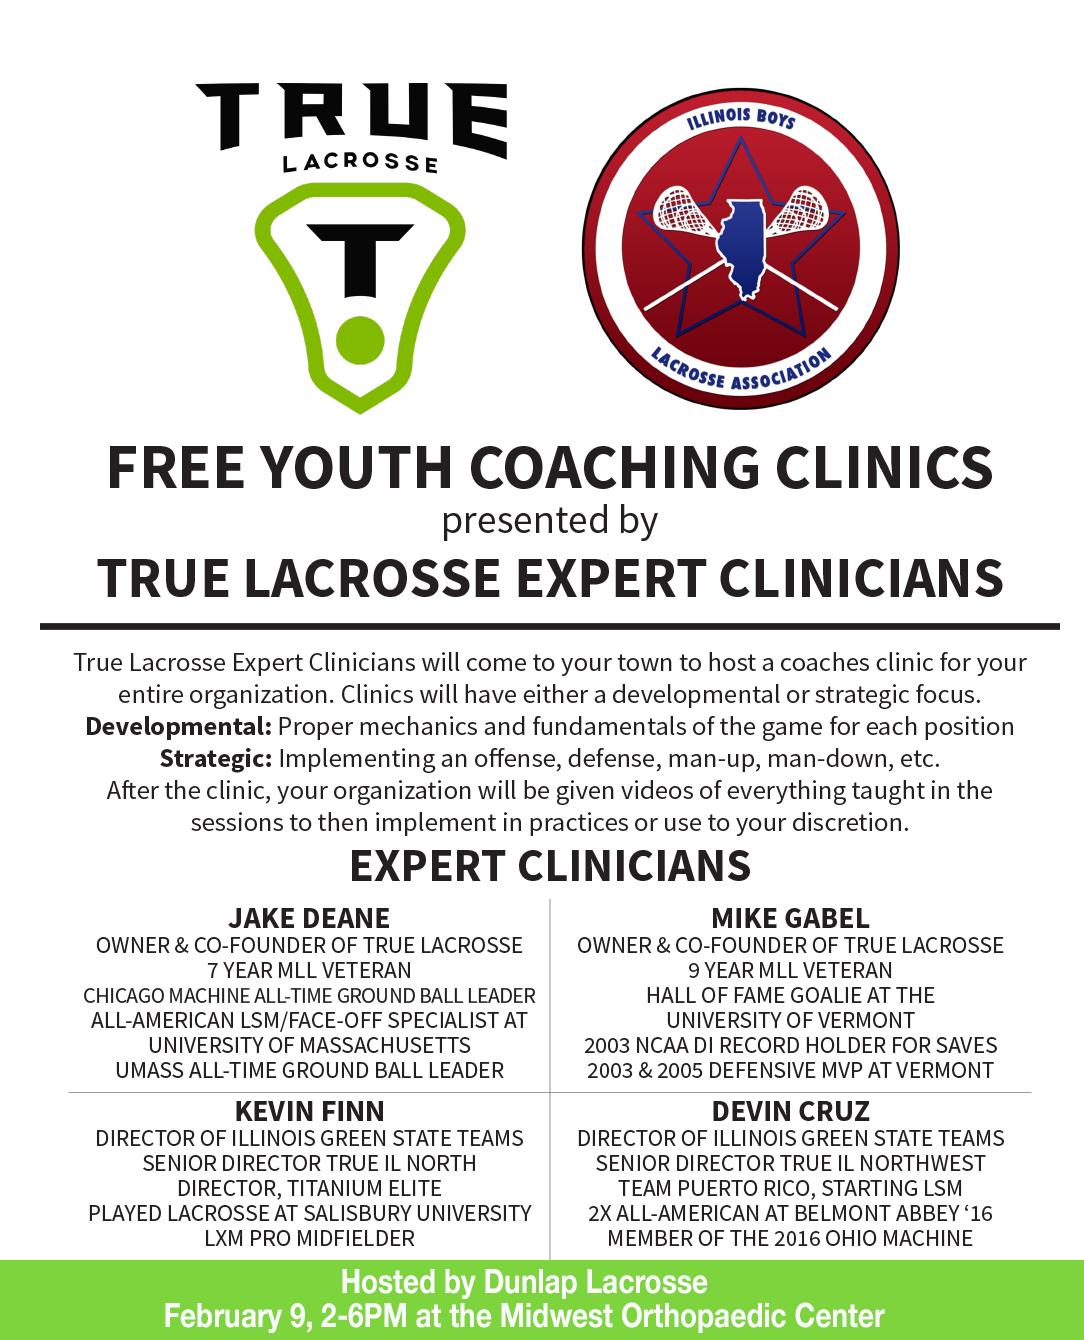 True Lacrosse Coach Clinic description